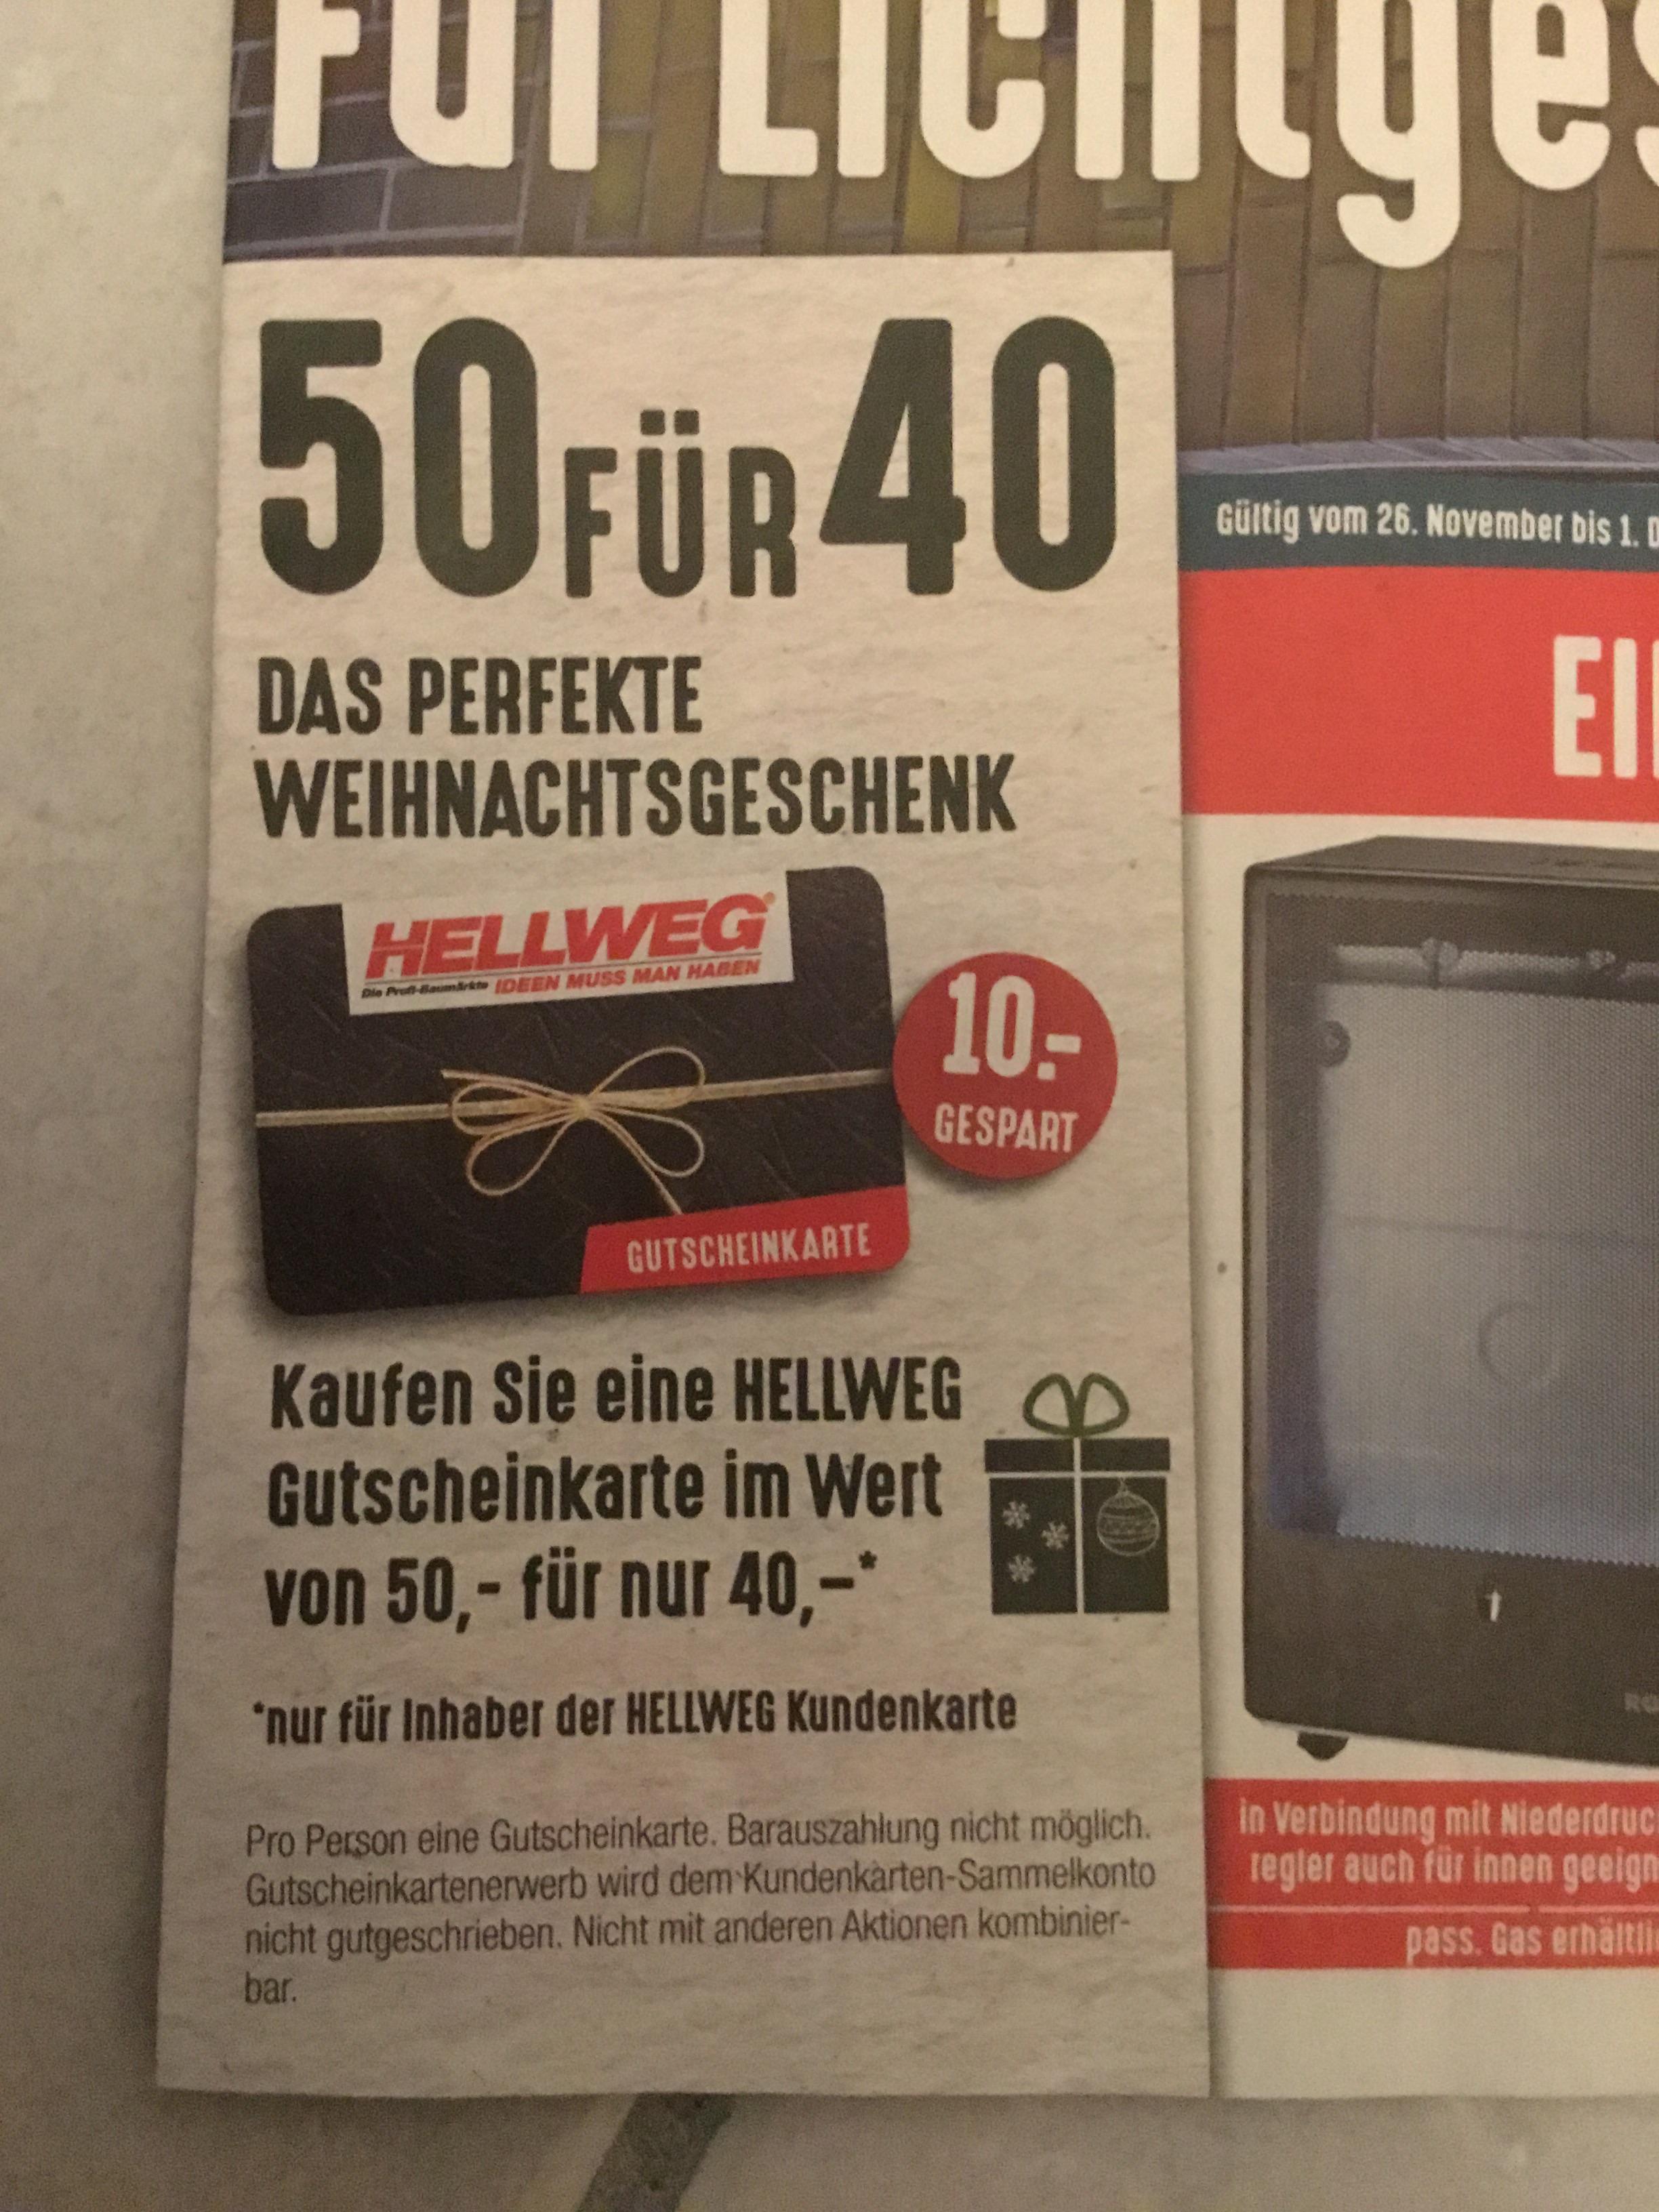 HELLWEG Gutscheinkarte im Wert von 50€ für 40€ nur Offline